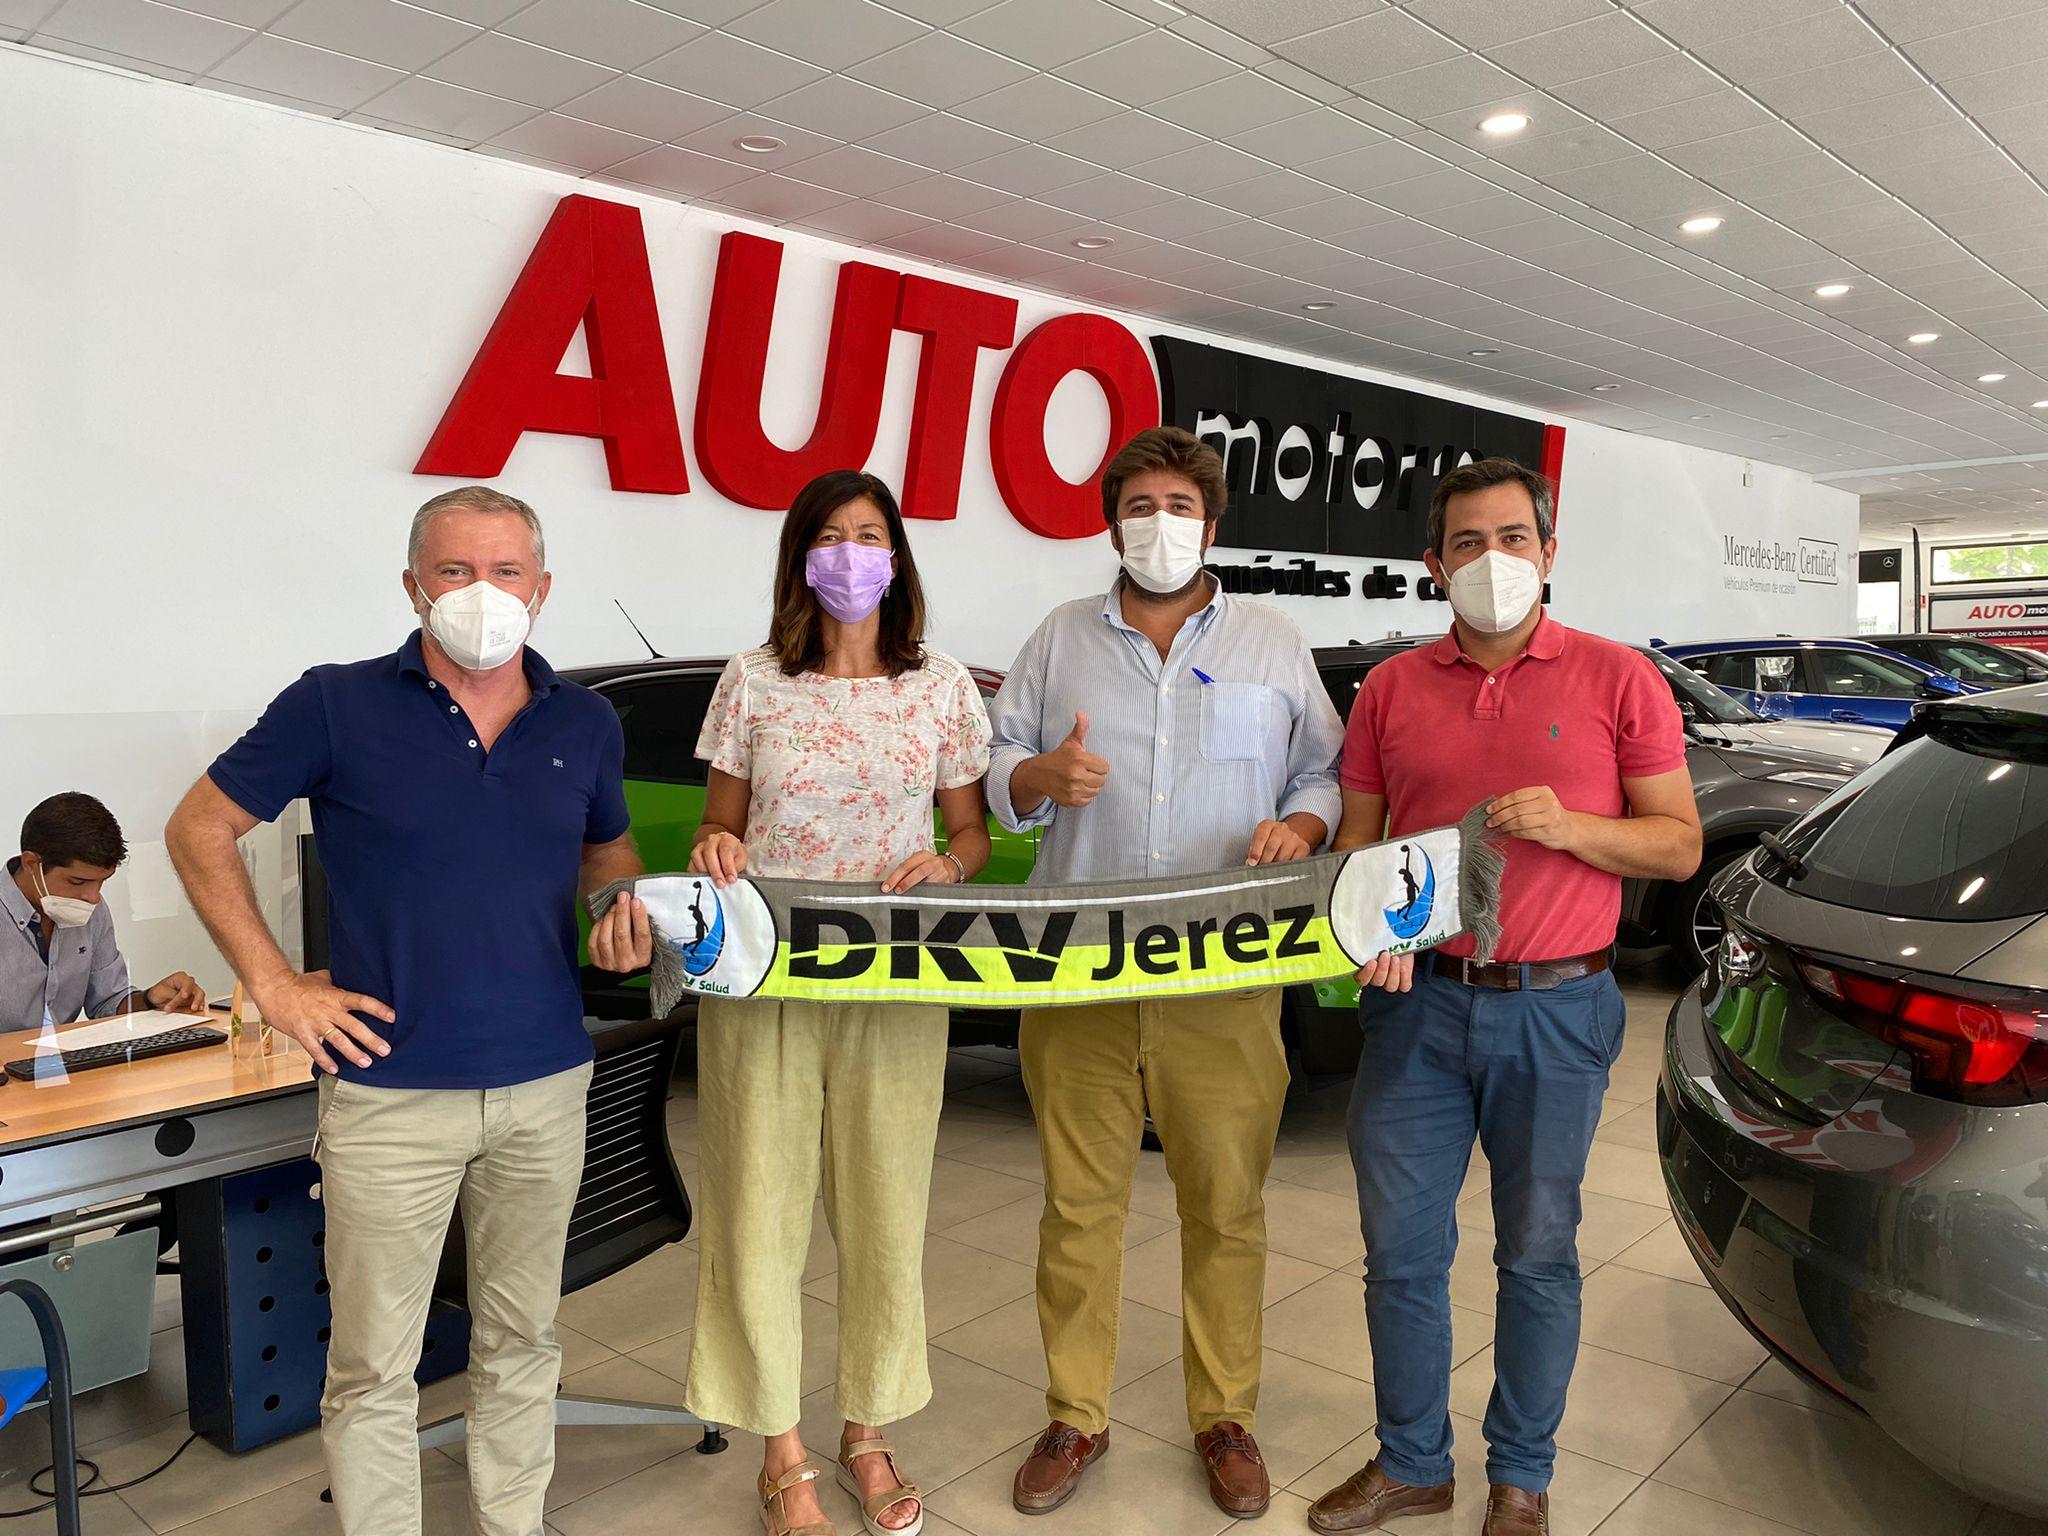 Automotor10 y DKV Jerez Baloncesto unen sus caminos